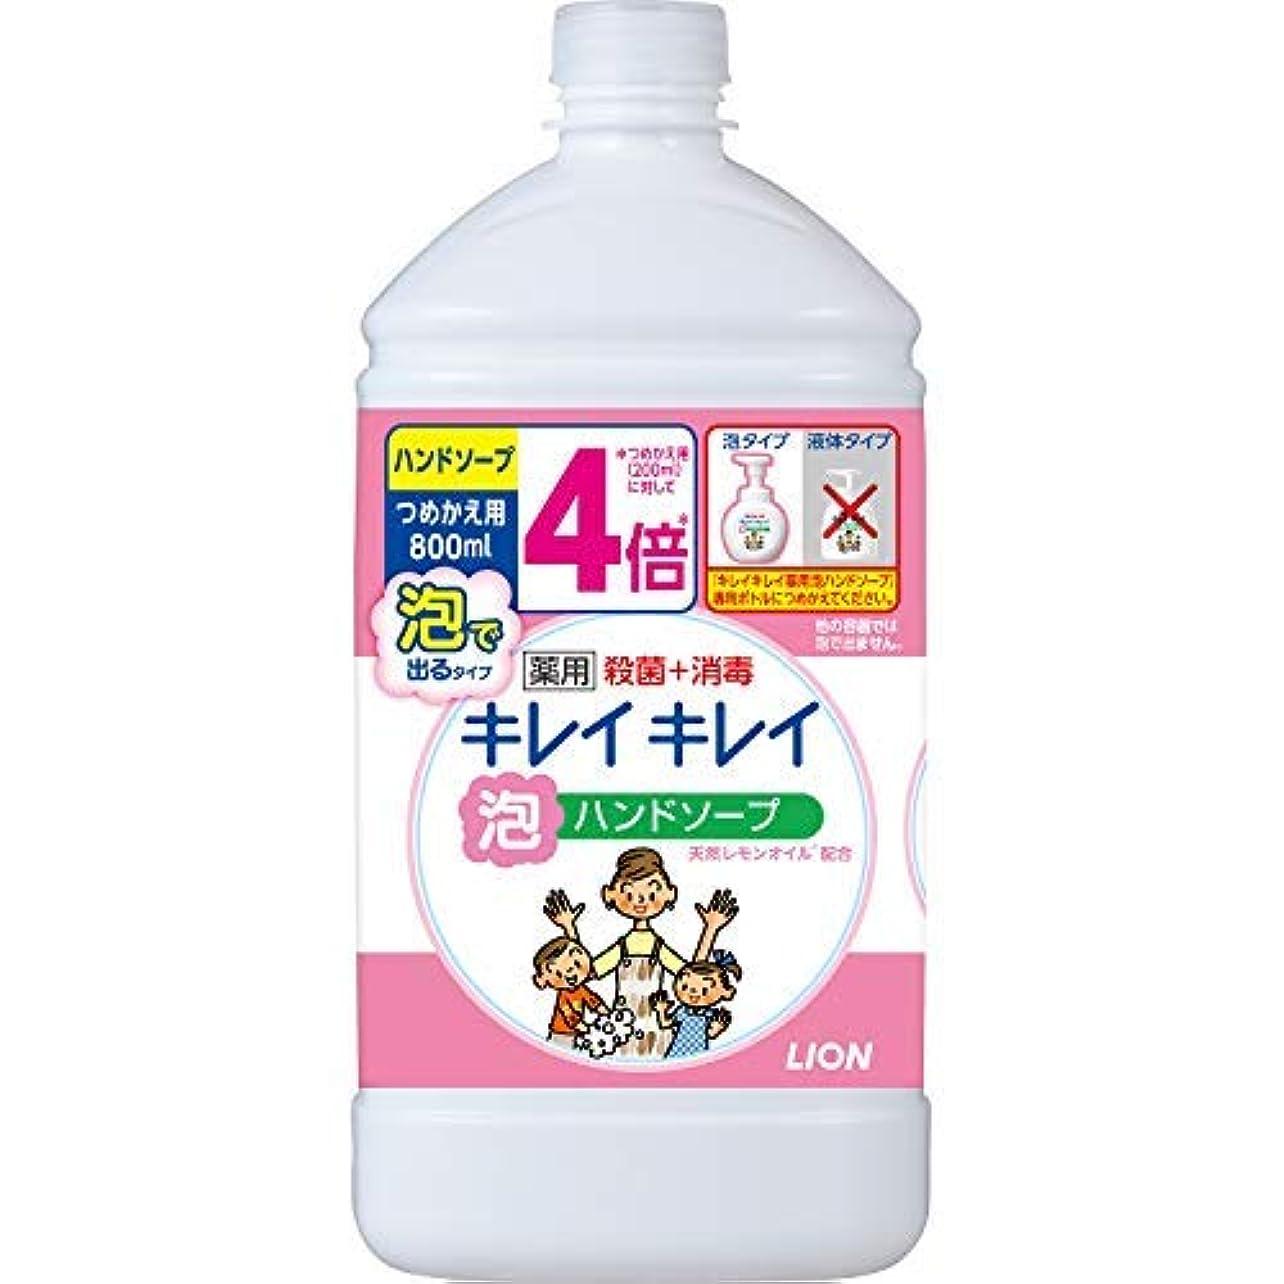 砂のモンクお香キレイキレイ 薬用泡ハンドソープ つめかえ用特大サイズ シトラスフルーティ × 2個セット